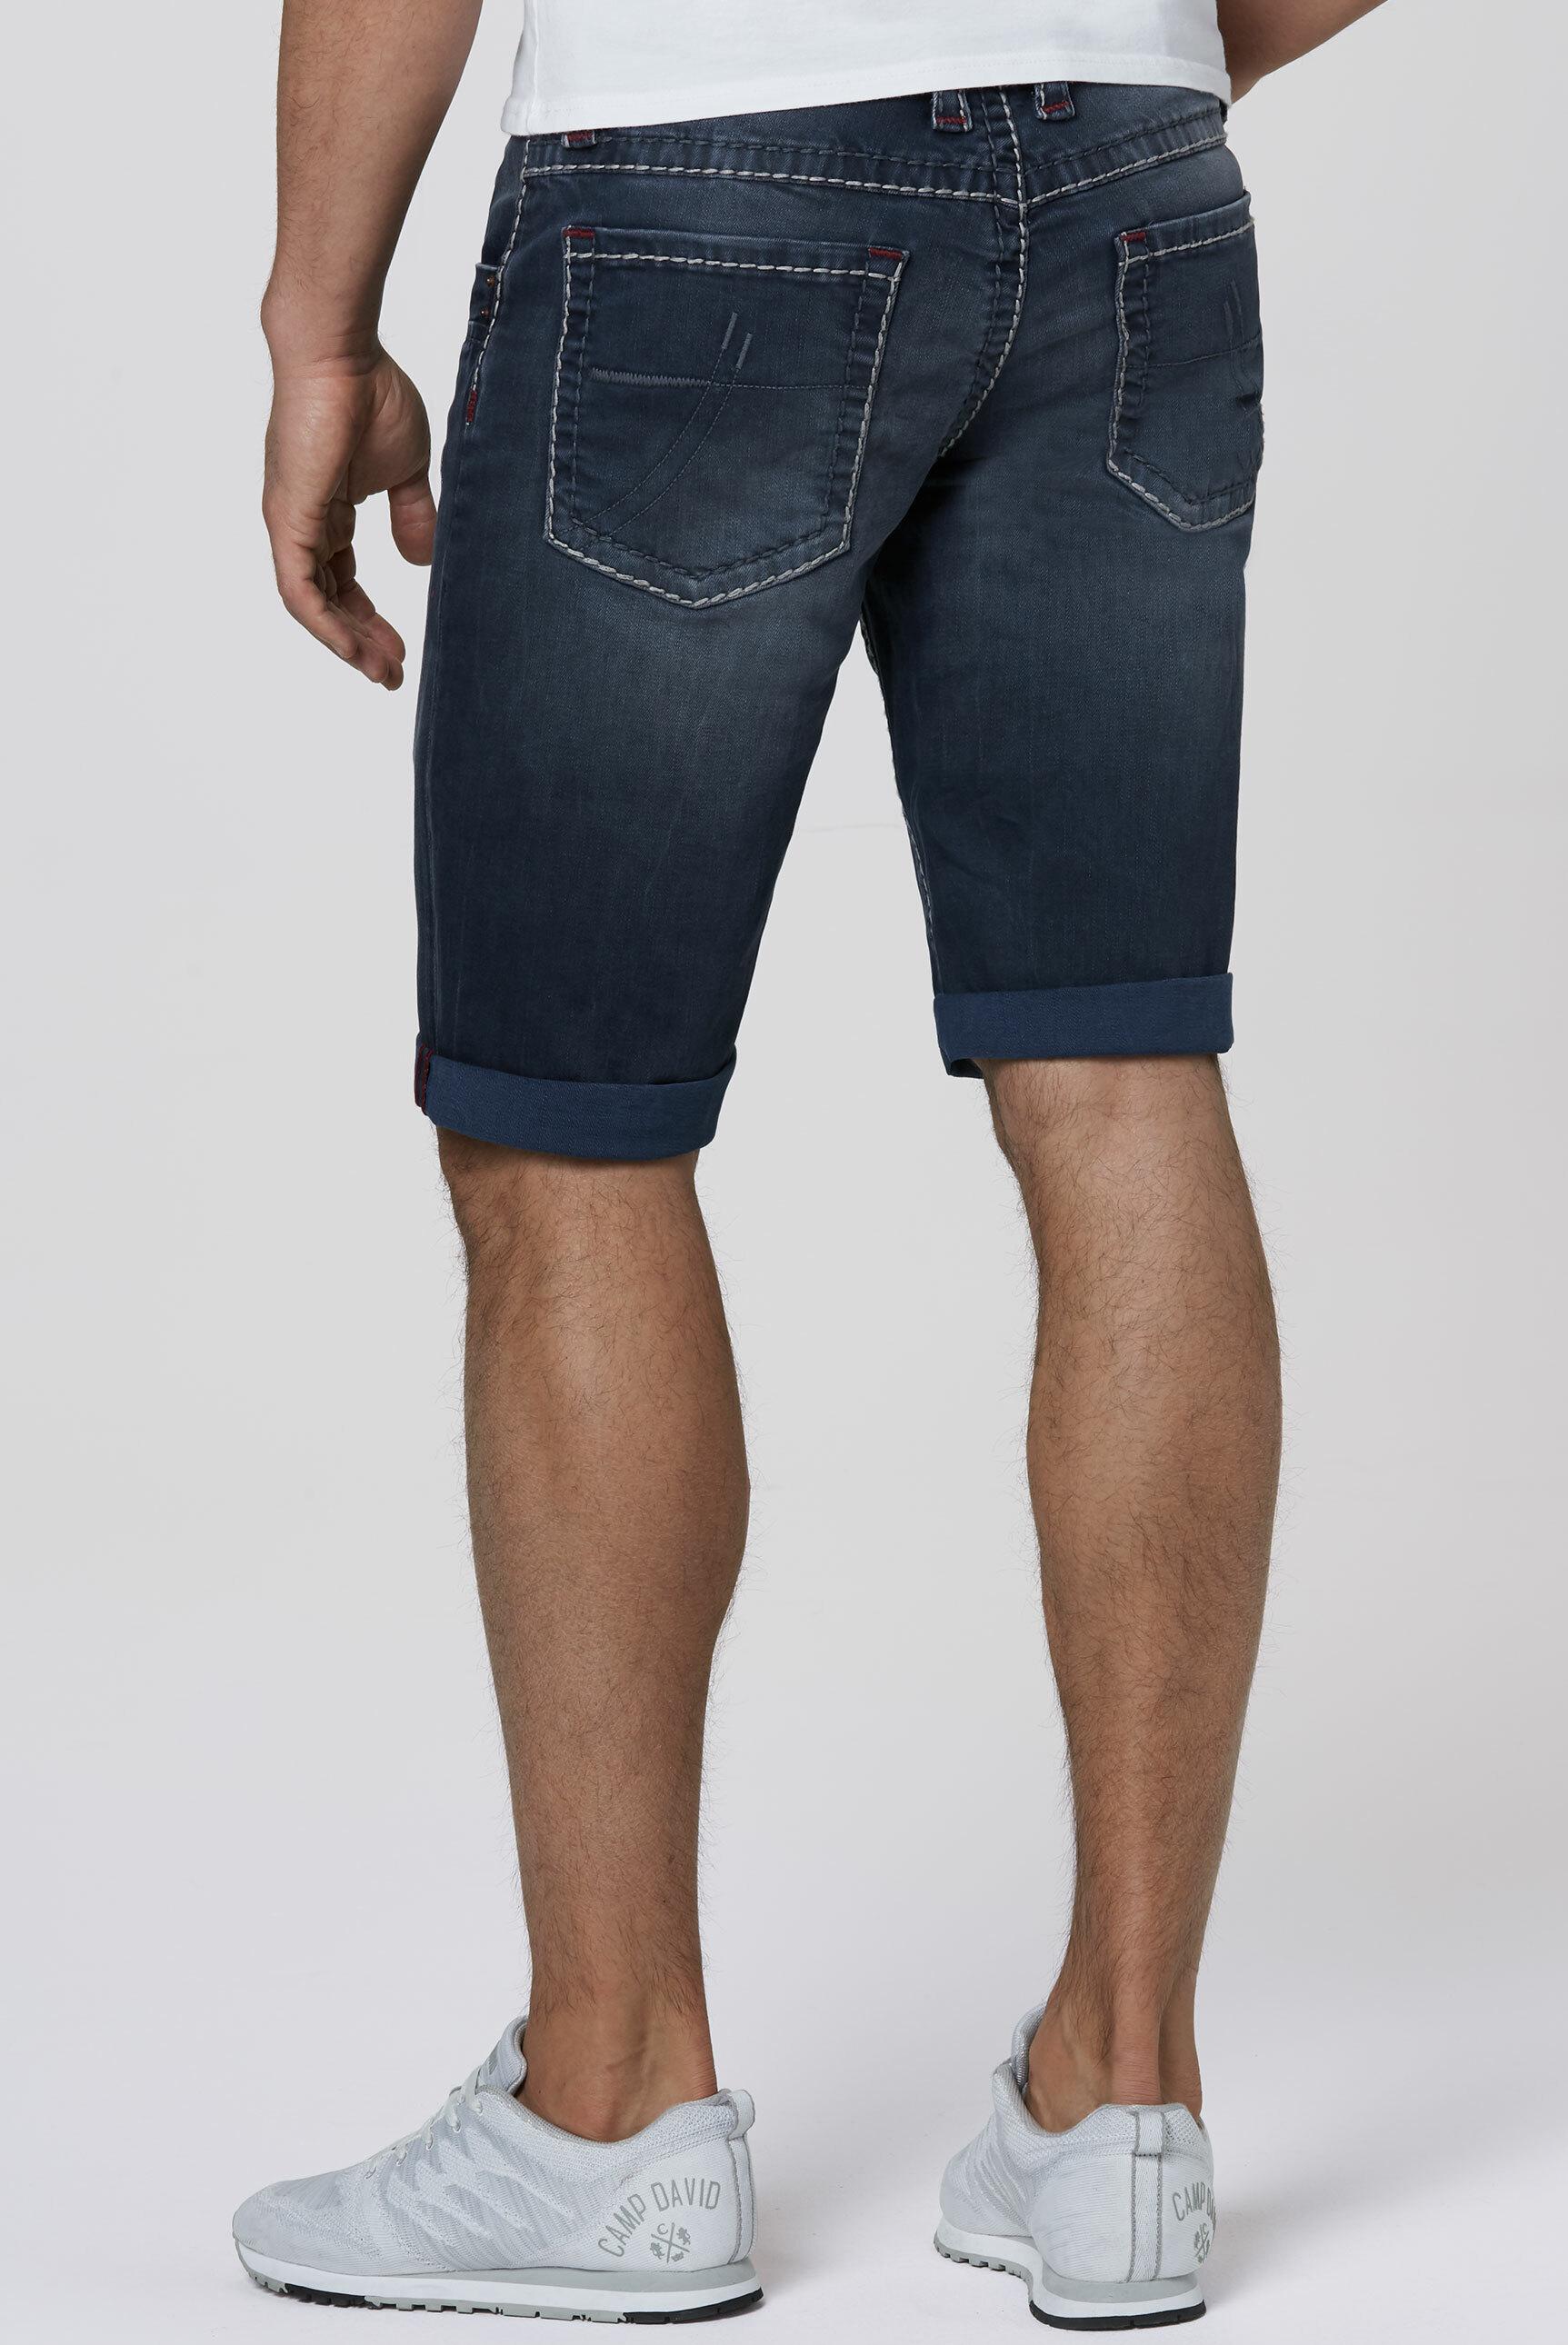 Skater Shorts NI:CK mit breiten Steppnähten